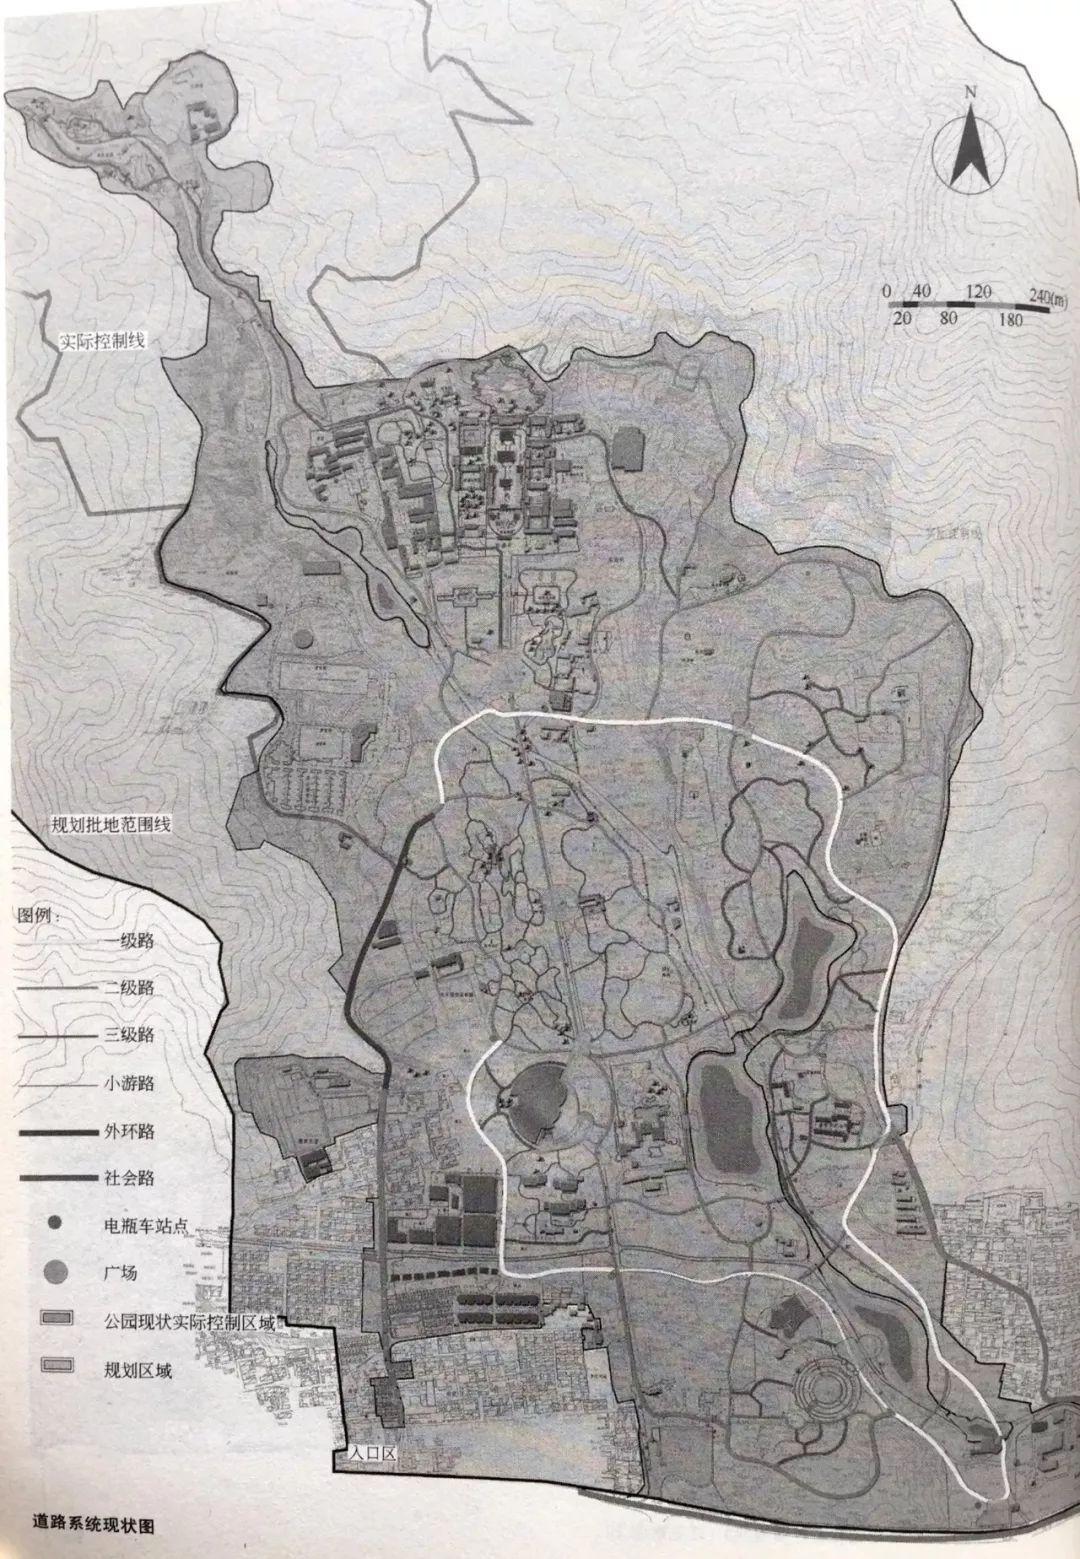 3-牡丹芍药园平面图